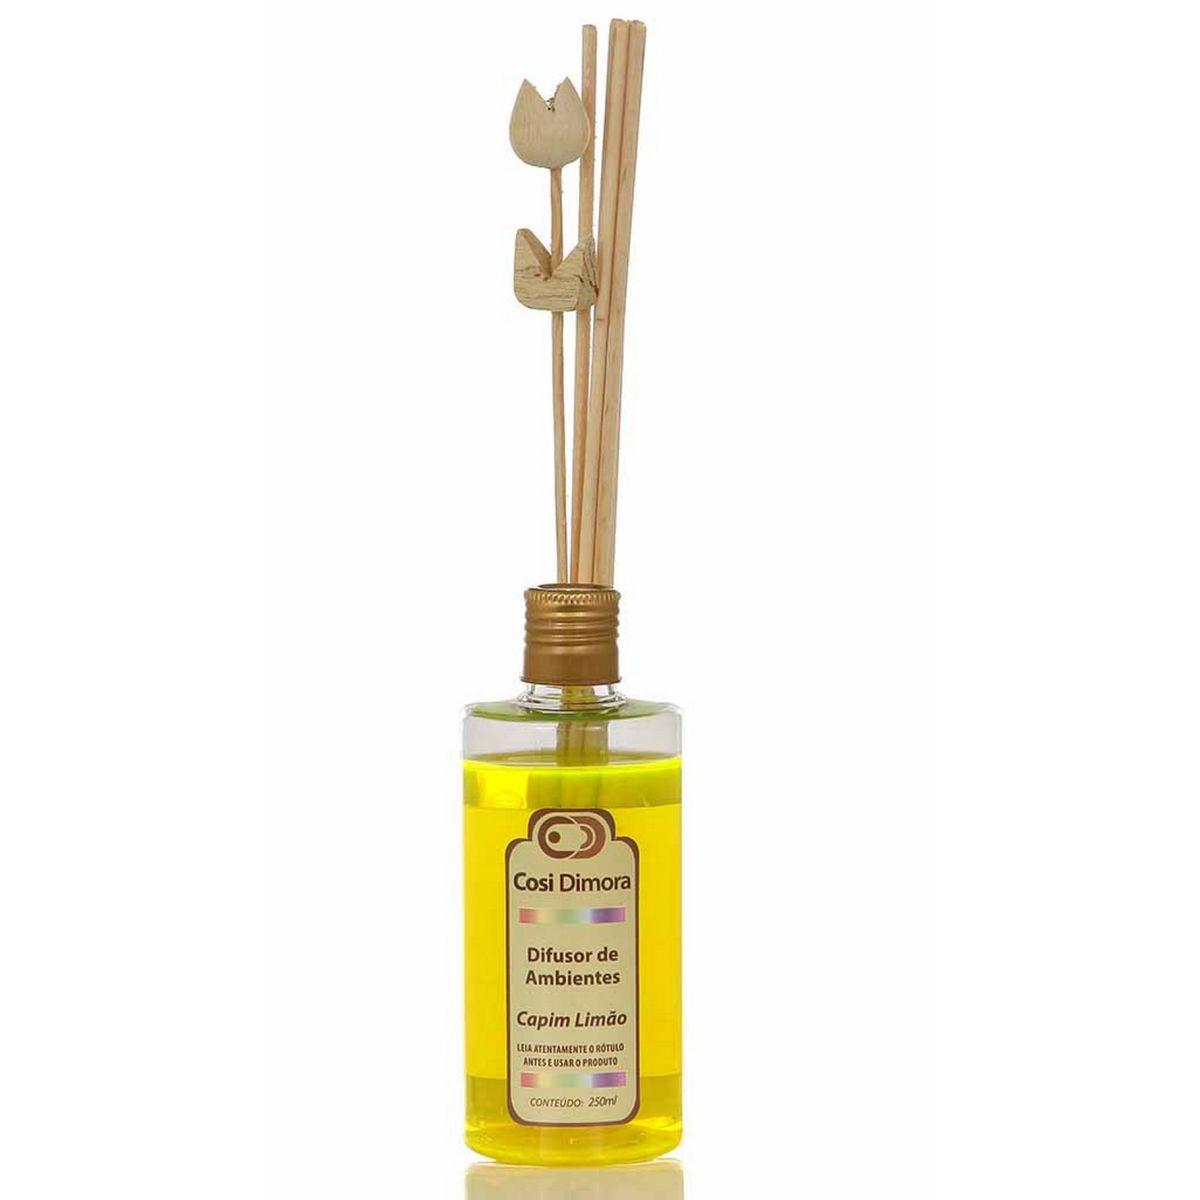 Difusor Aromatizador de Ambientes Capim Limão 250ml